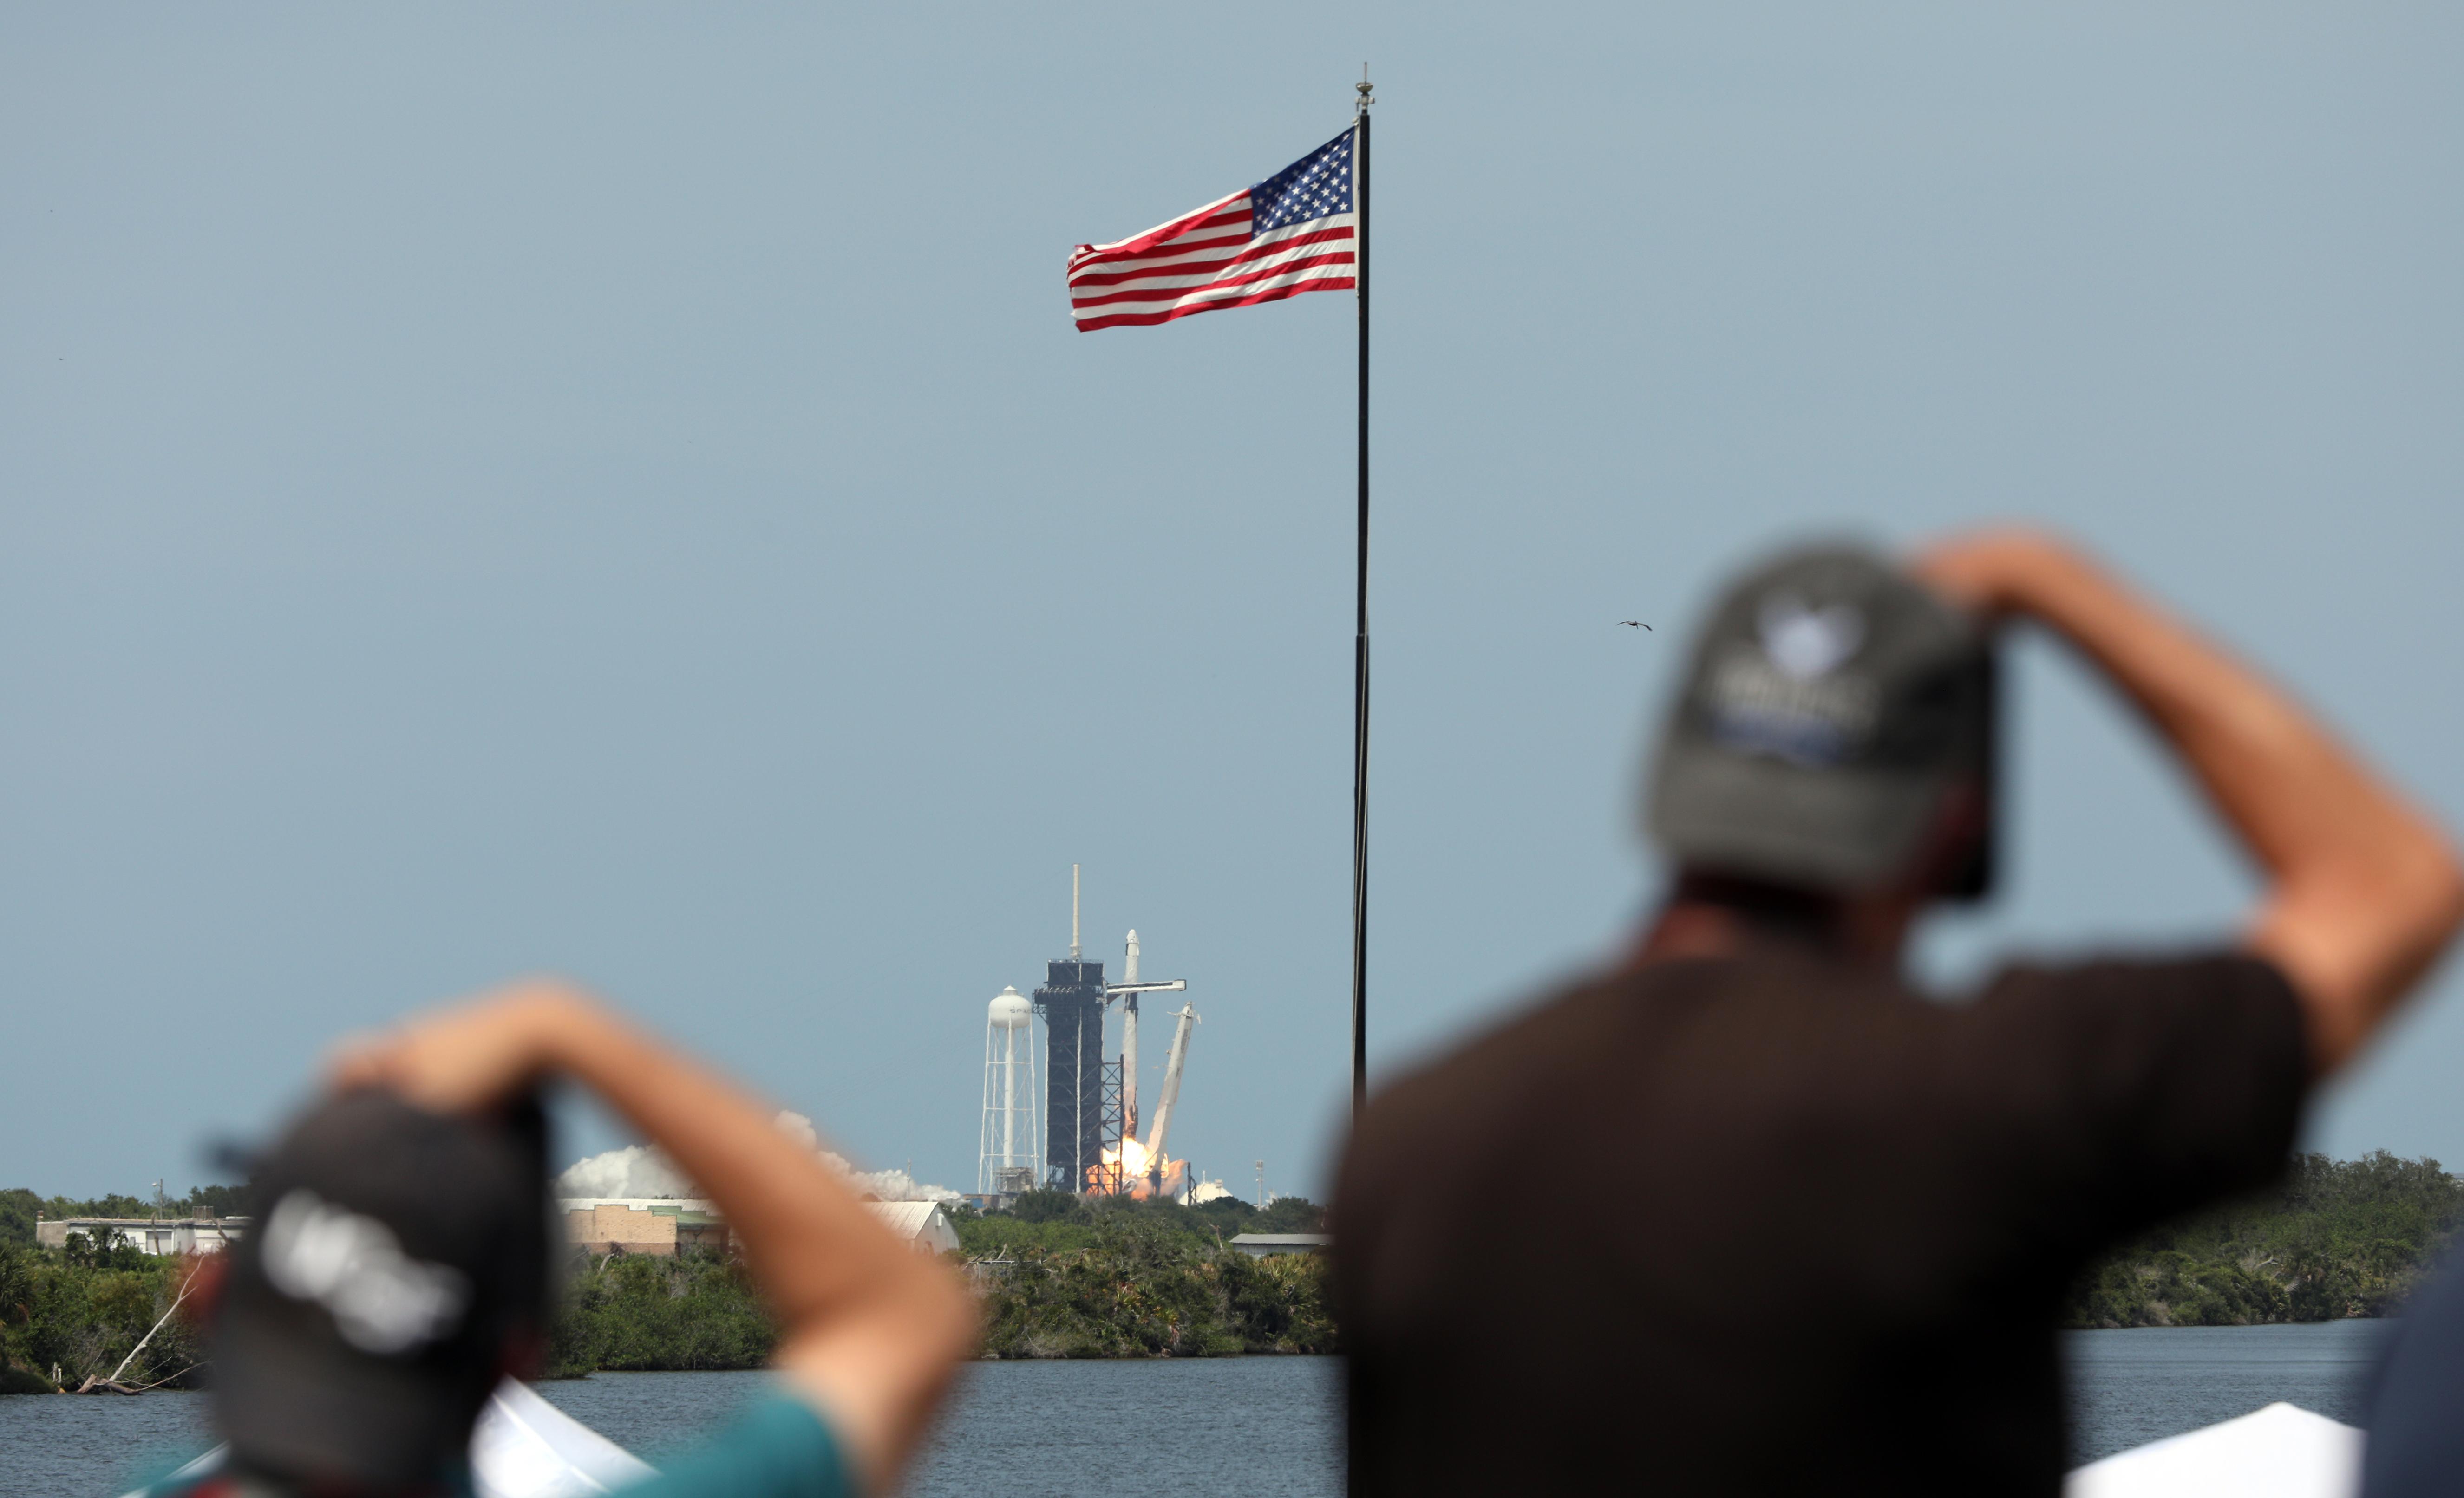 Fotógrafos registran el histórico primer lanzamiento tripulado del cohete de SpaceX Falcon 9, desde el complejo de lanzamiento 39A en el Centro Espacial Kennedy en Florida